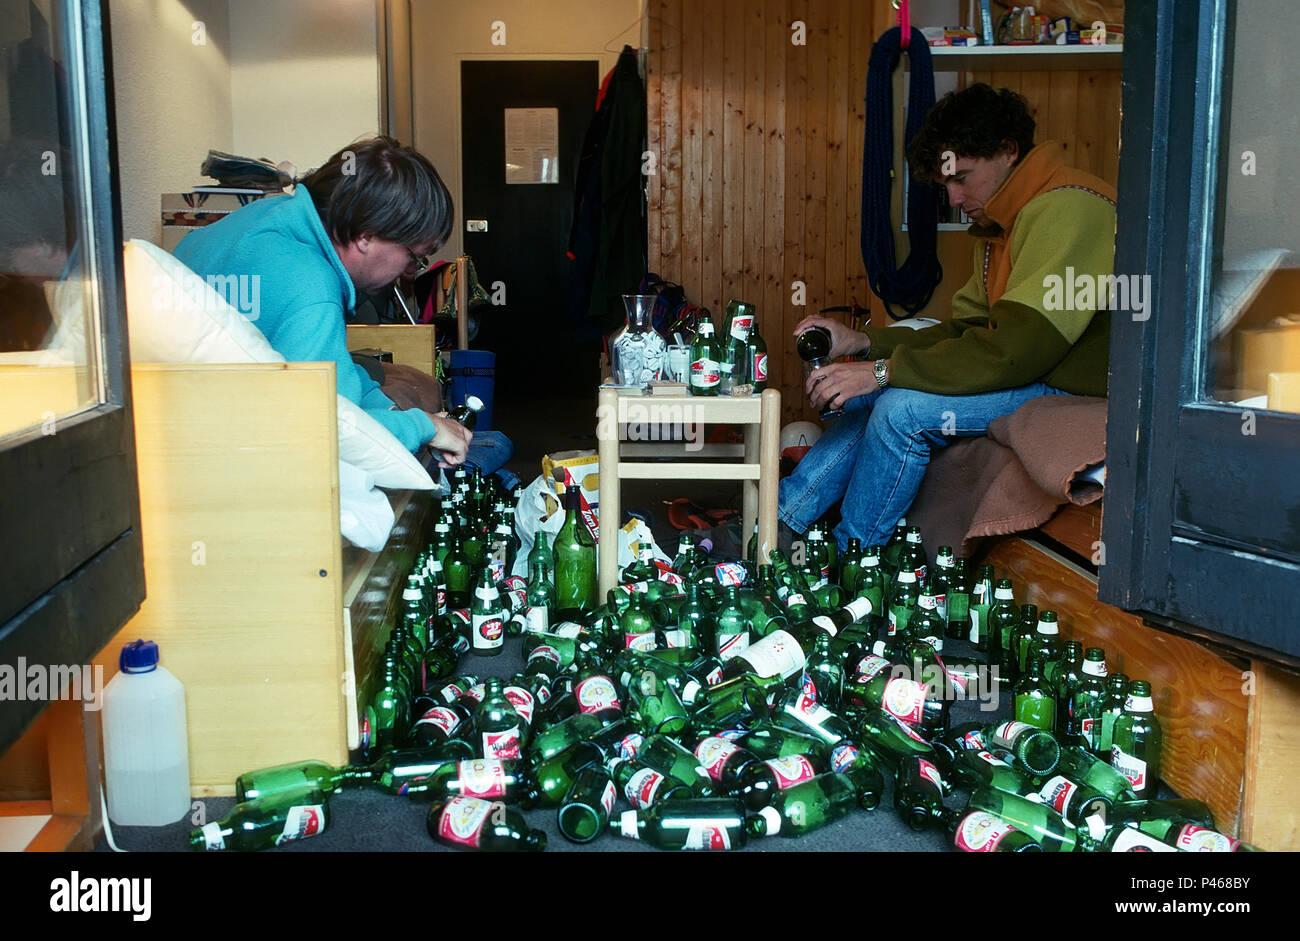 Una notte tranquilla in - due giovani uomini apertura di una bottiglia di birra ogni, circondato da bottiglie vuote Immagini Stock